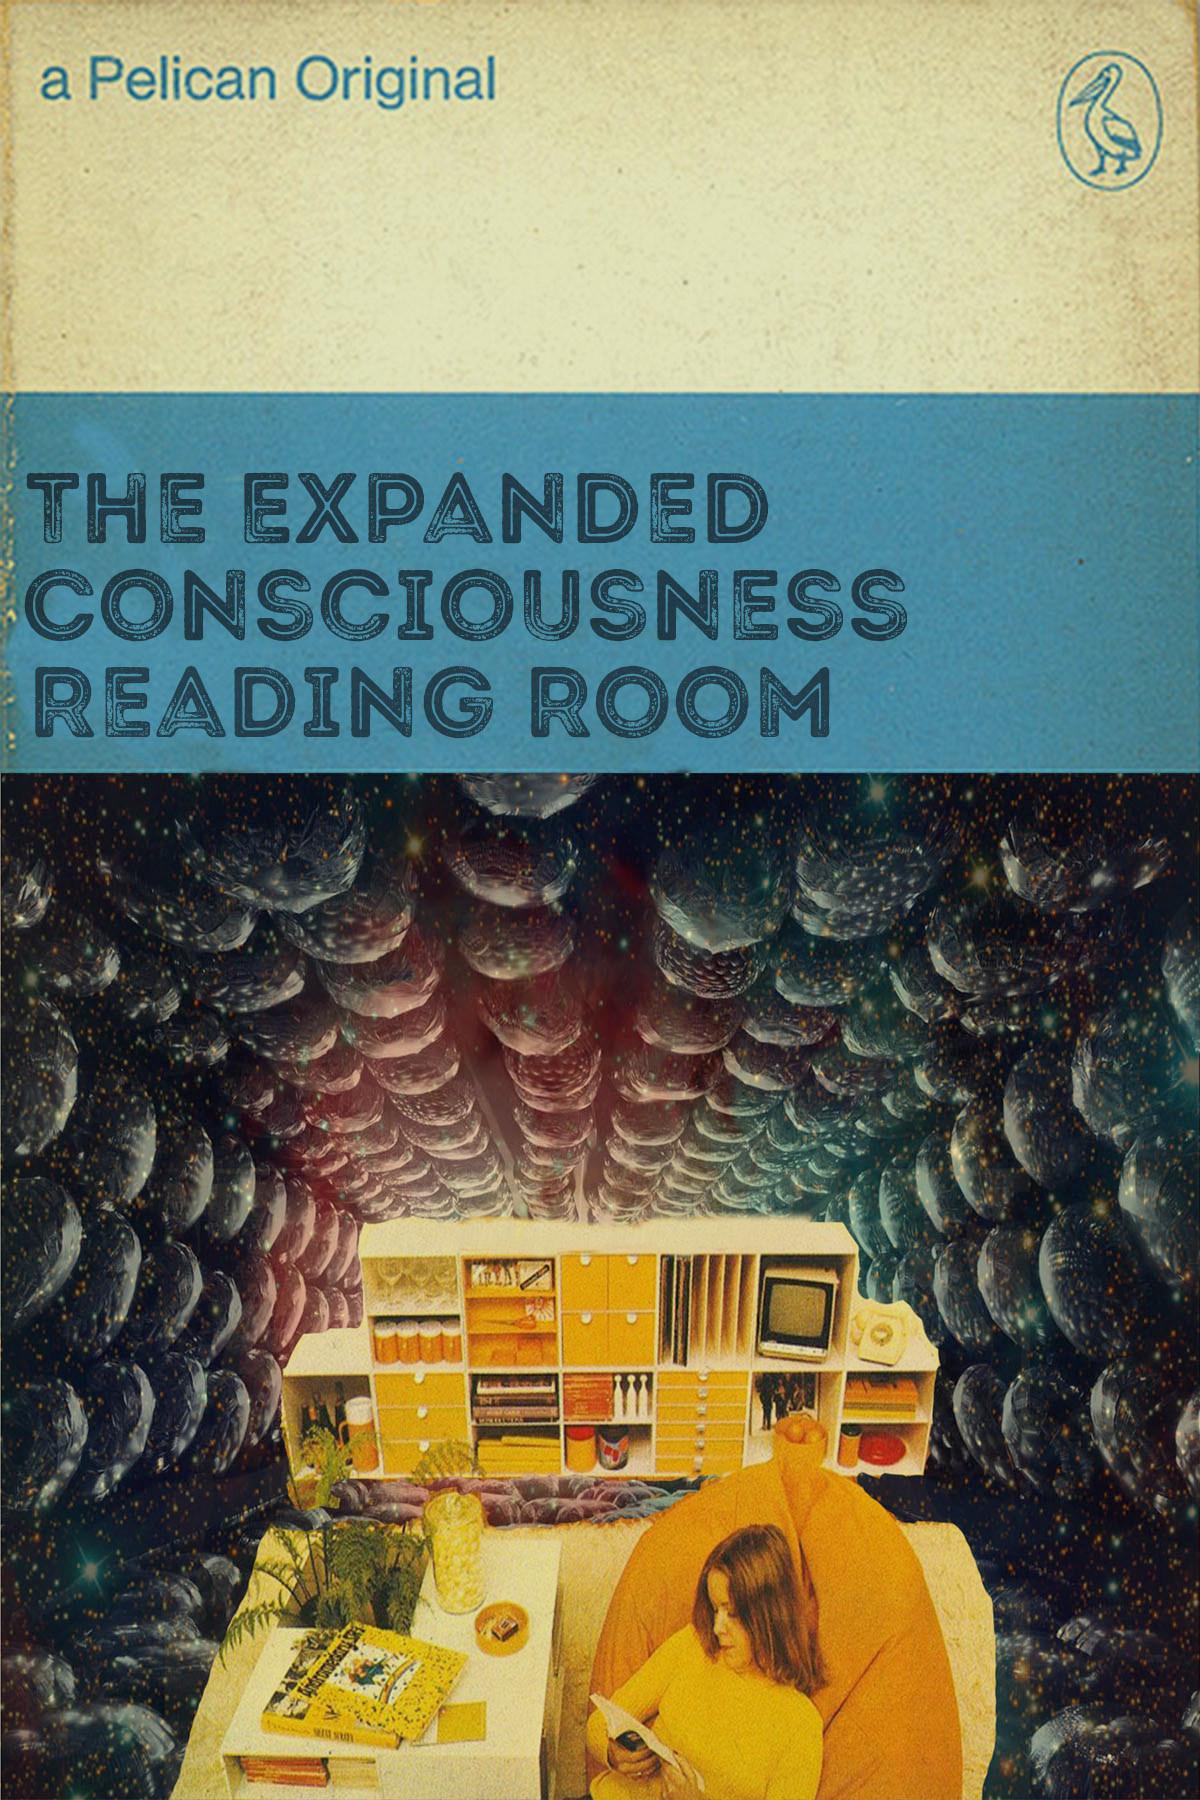 expandedbook-002.jpg